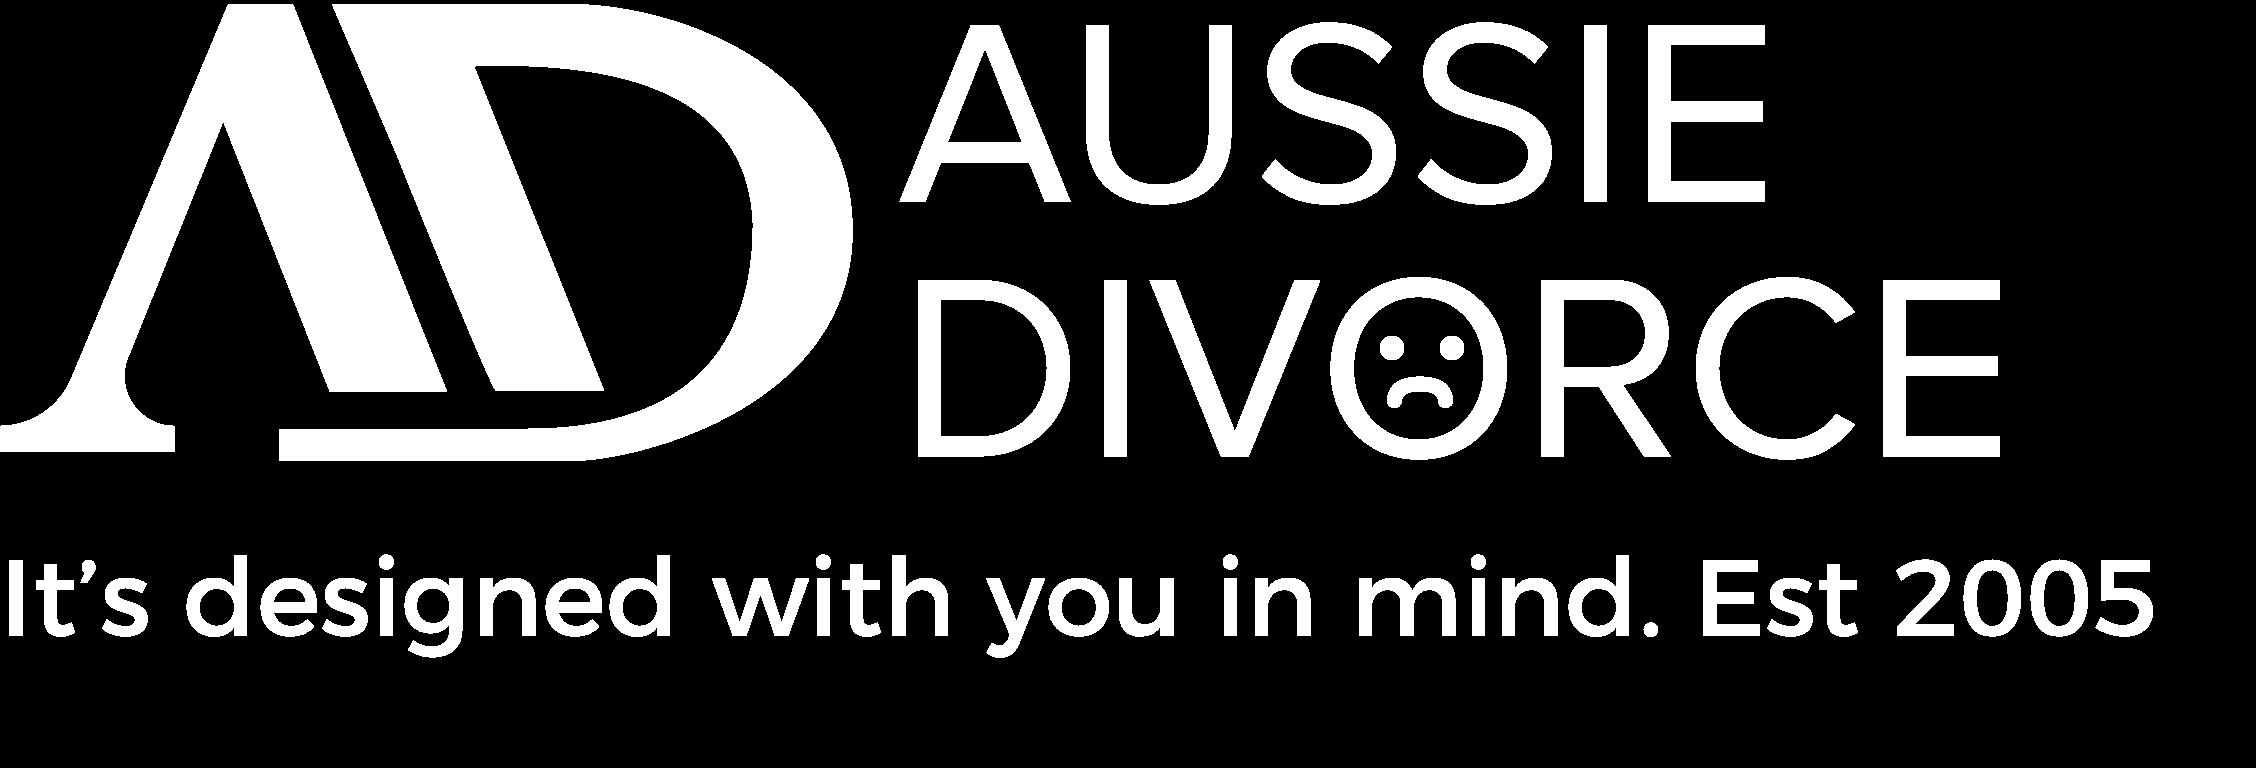 Aussie Divorce